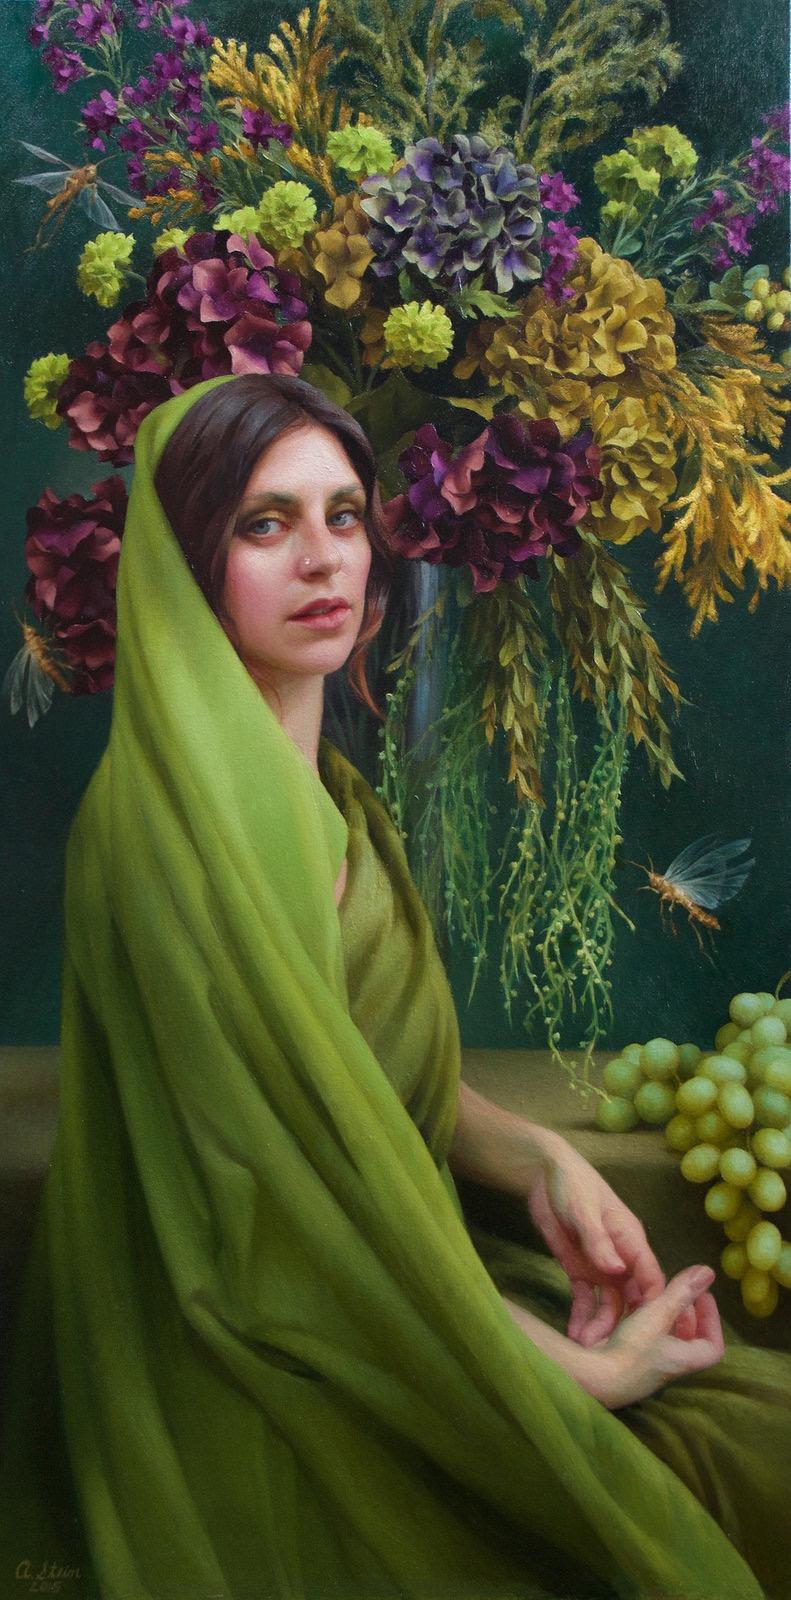 Green Bride